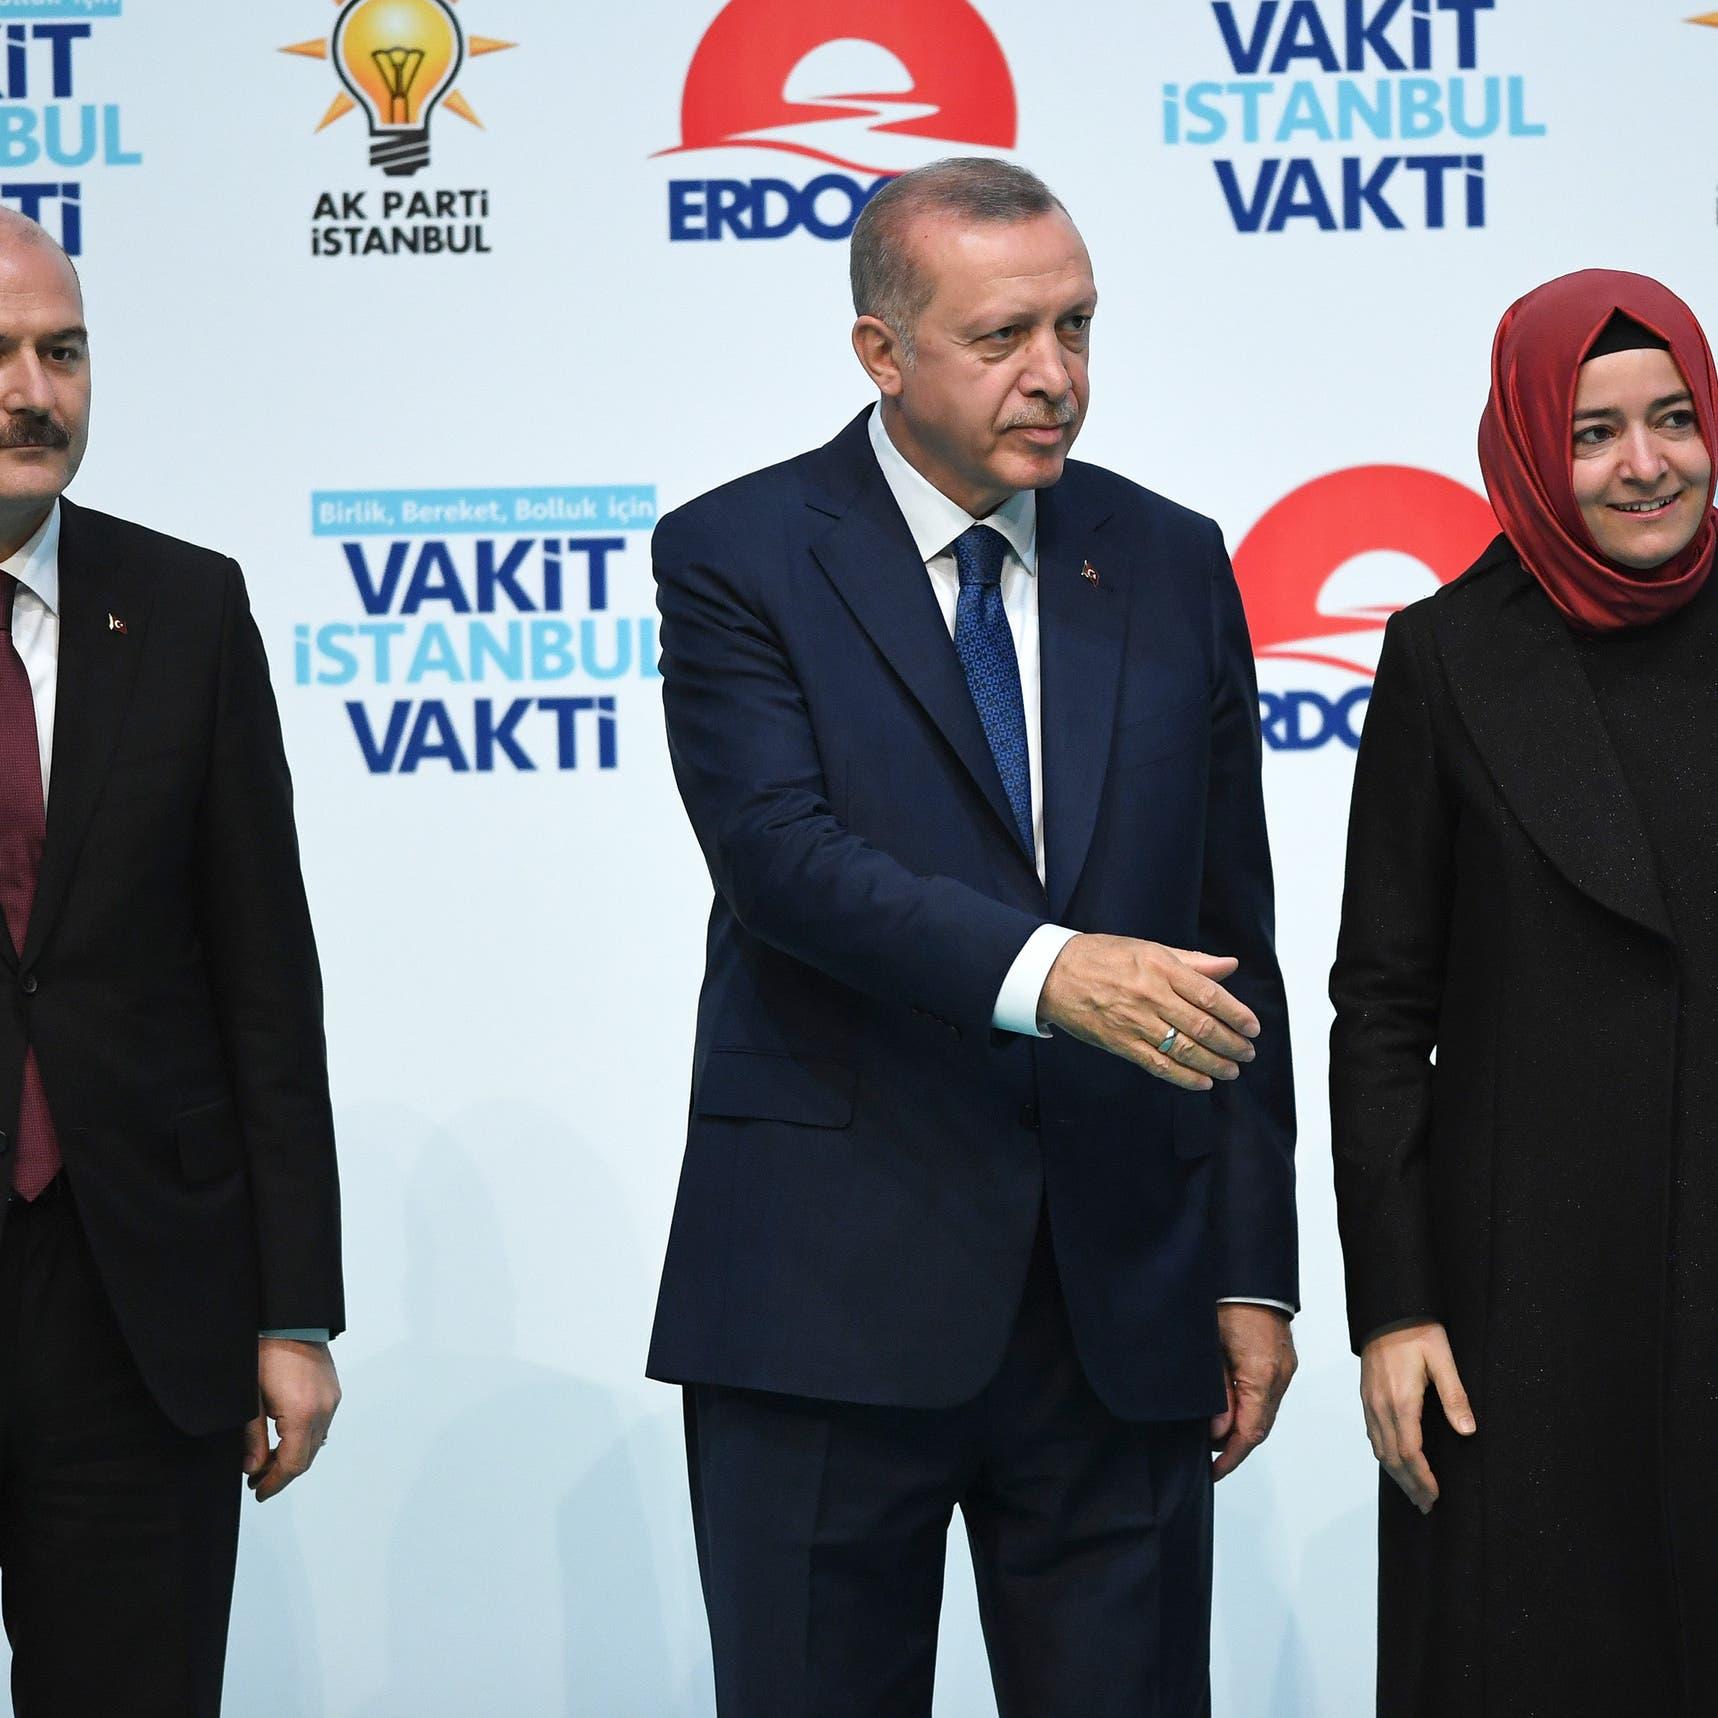 ليلة غريبة وفيديو أغرب.. هل لوى صهر أردوغان يد صويلو؟